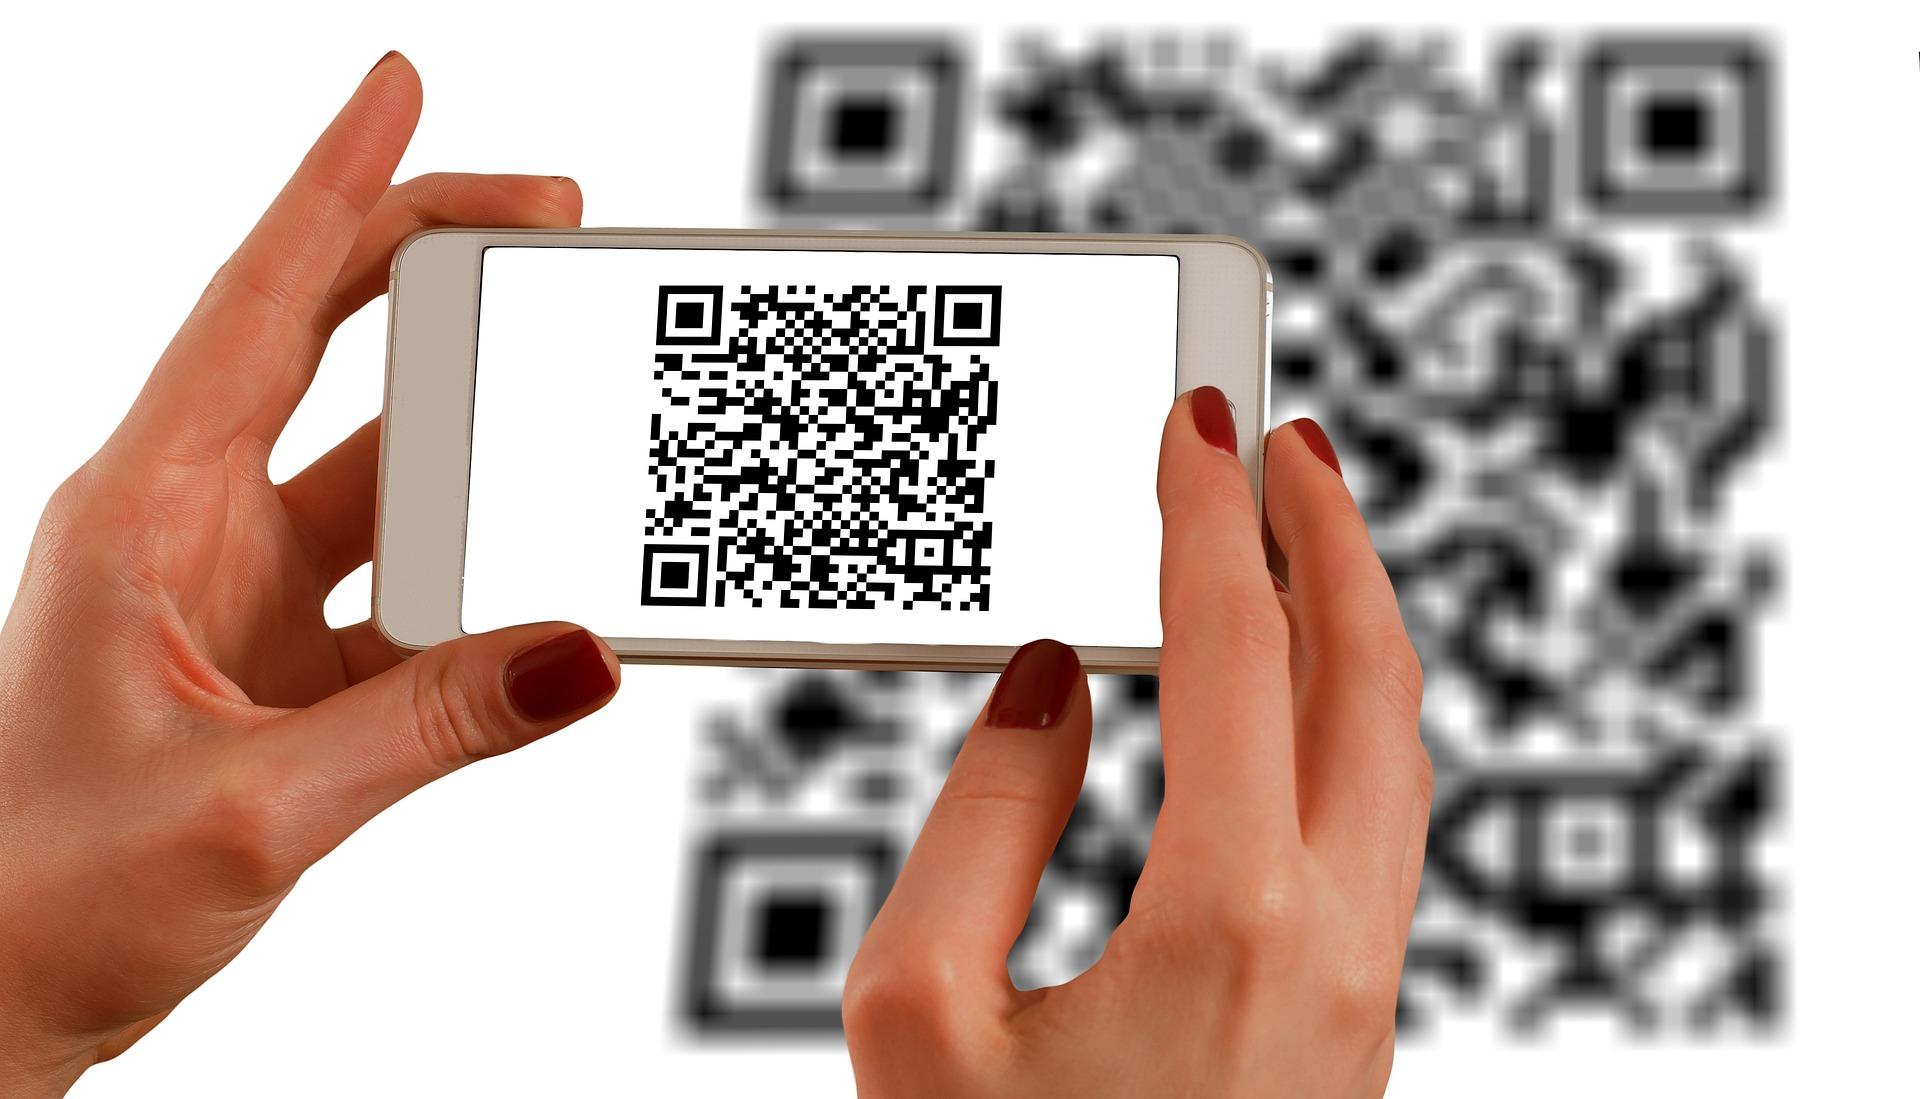 Kassen mit digitaler